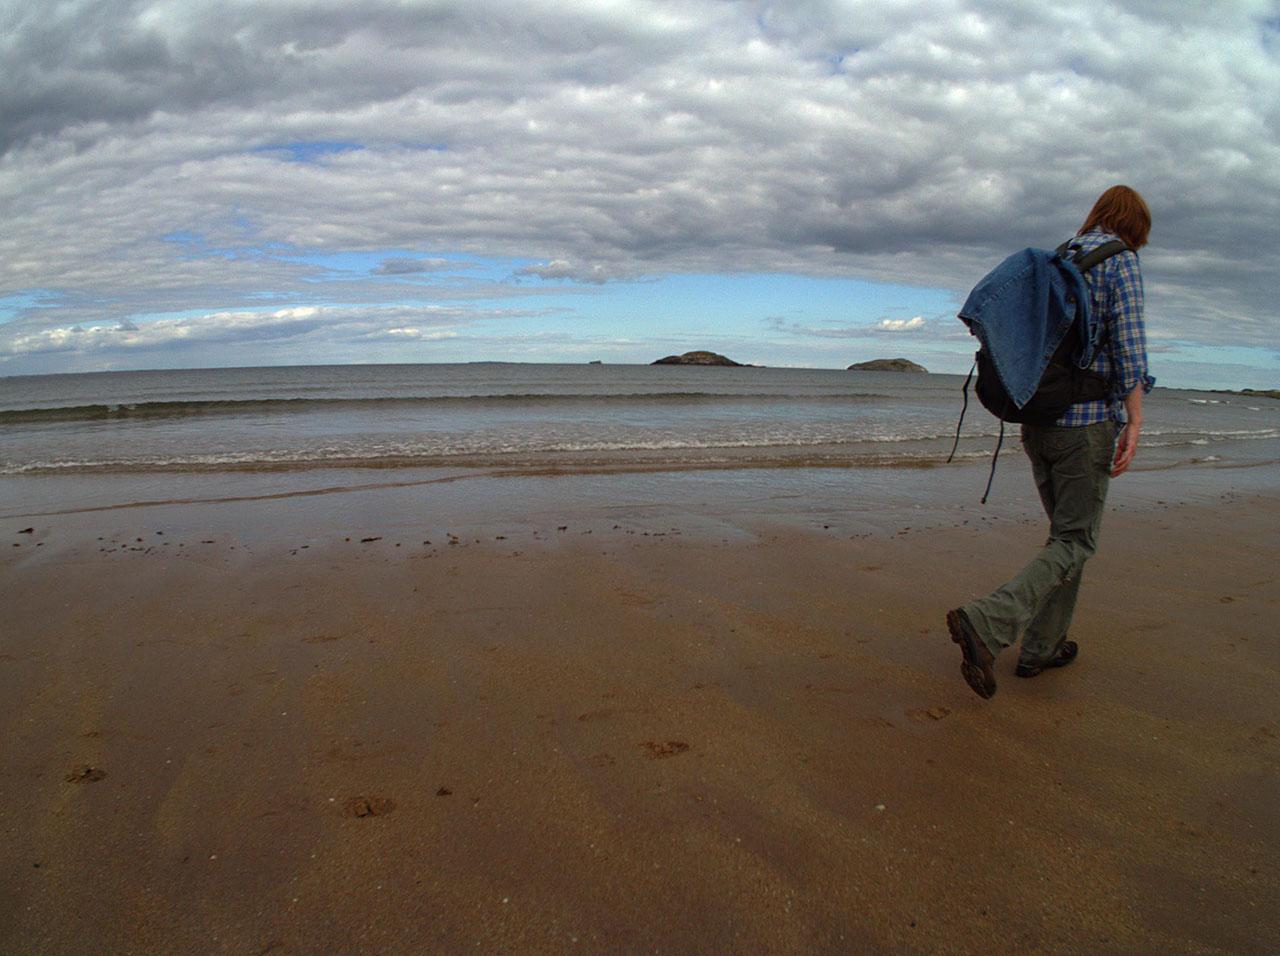 Autographer seaside06